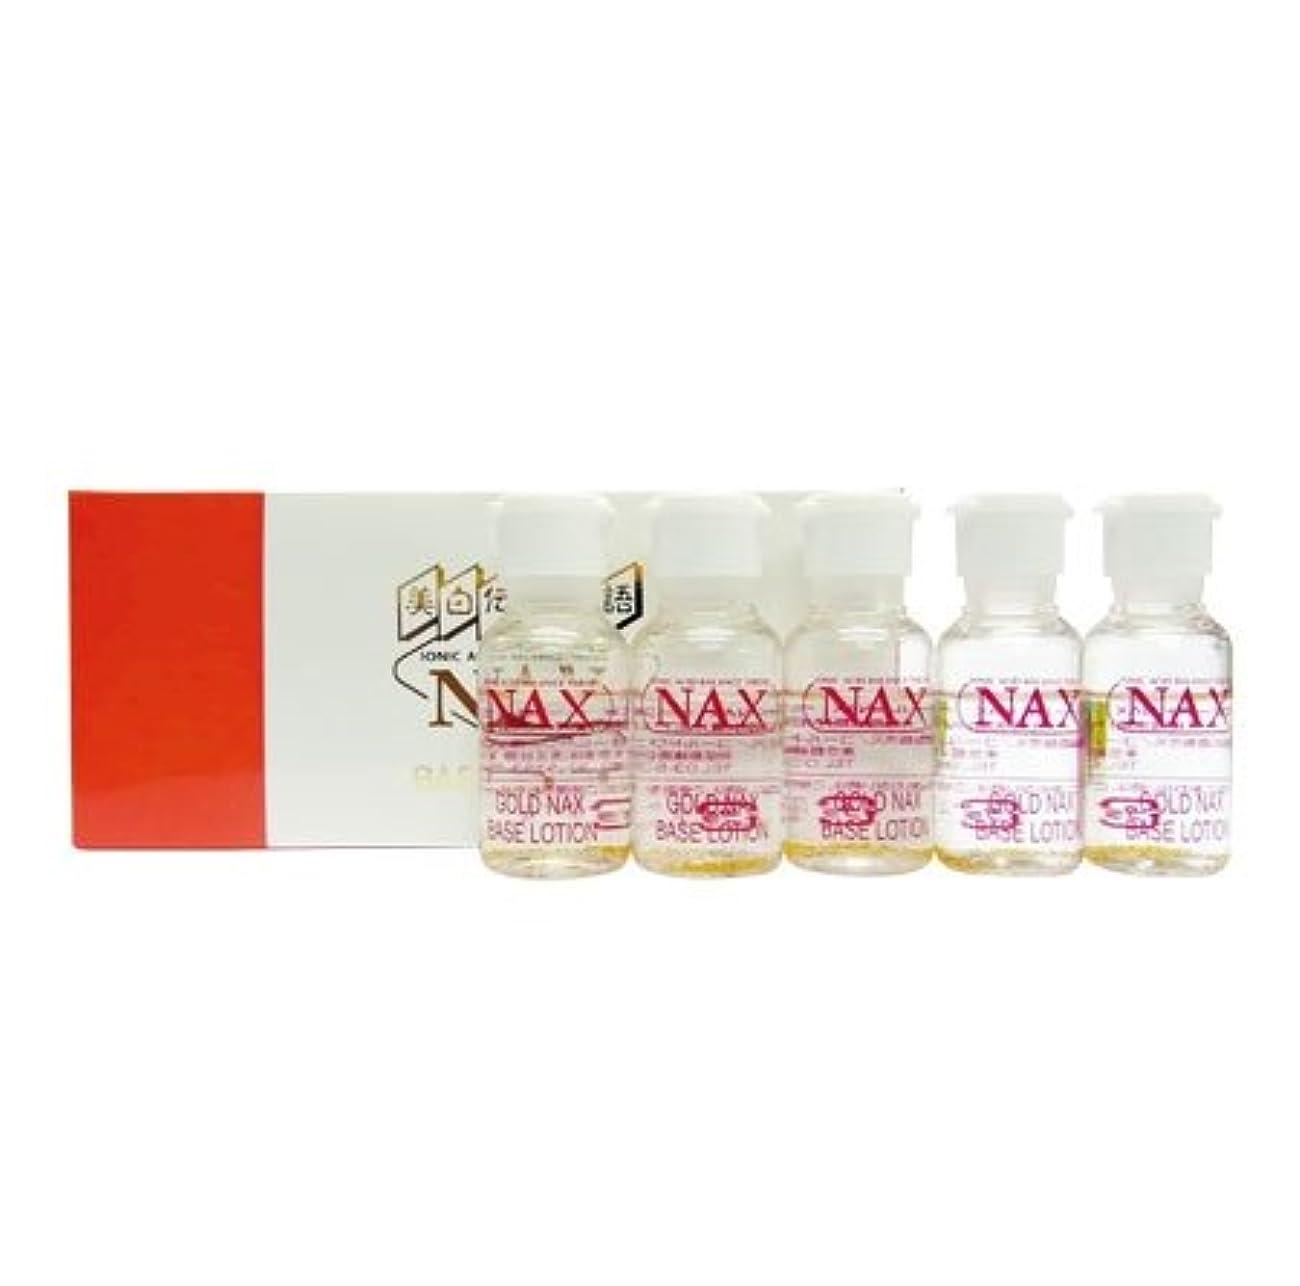 位置づける誓い保守的ゴールドコスメ NAX ベースローション 化粧水 超敏感肌用 12.5ml×5本